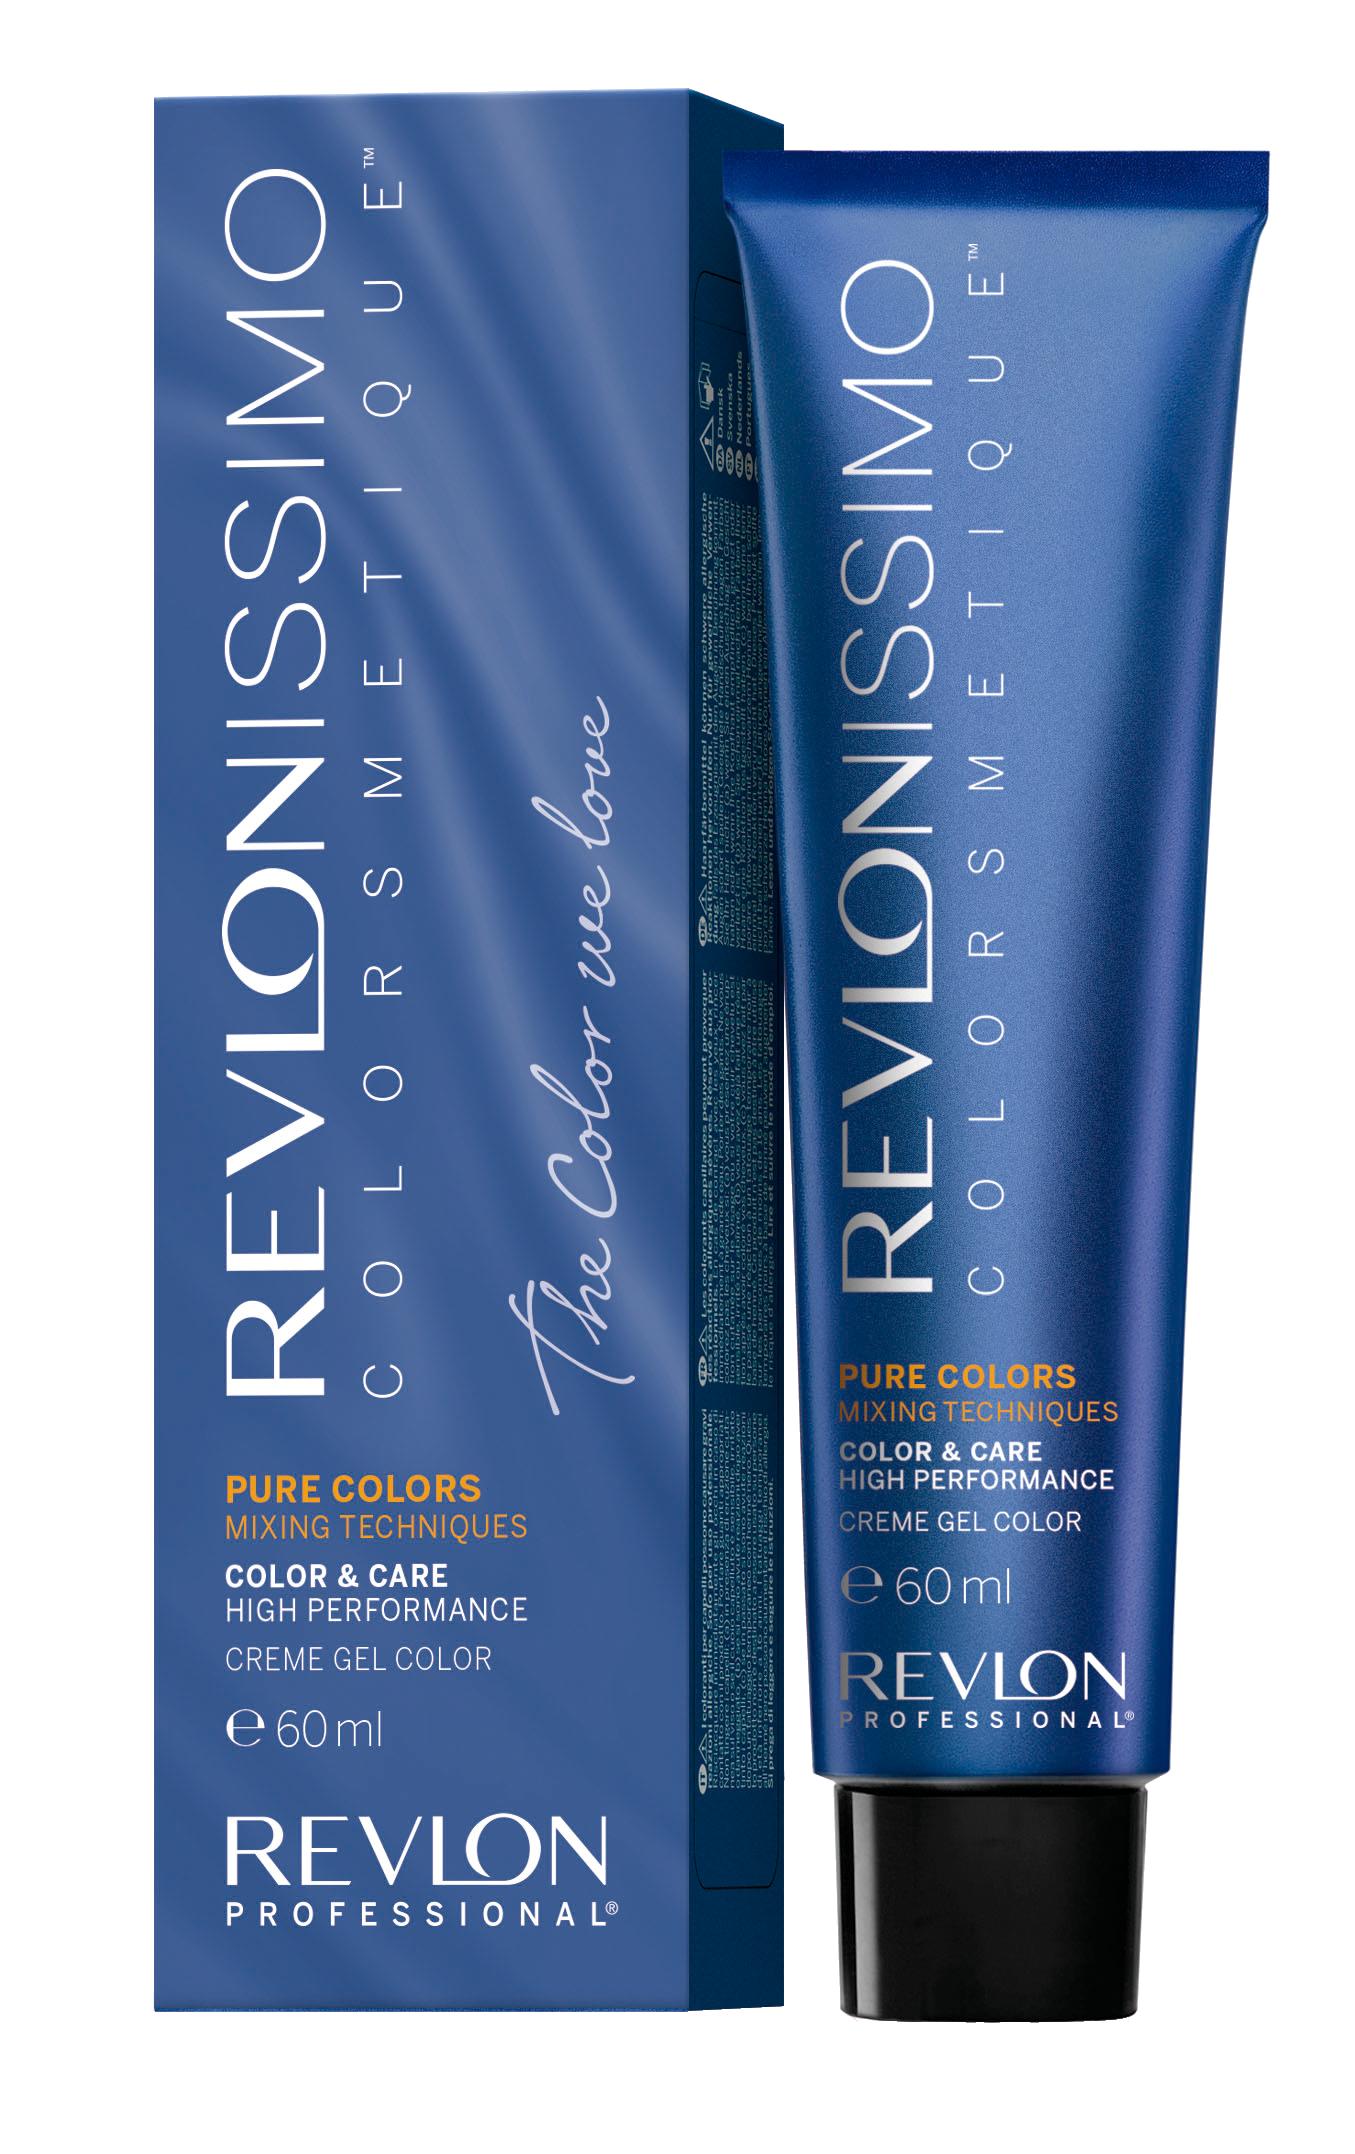 REVLON Professional 600 краска для волос, красный / RP REVLONISSIMO COLORSMETIQUE PURE COLORS 60 мл revlon краситель перманентный 7 44 блондин гипер медный rp revlonissimo colorsmetique 60 мл